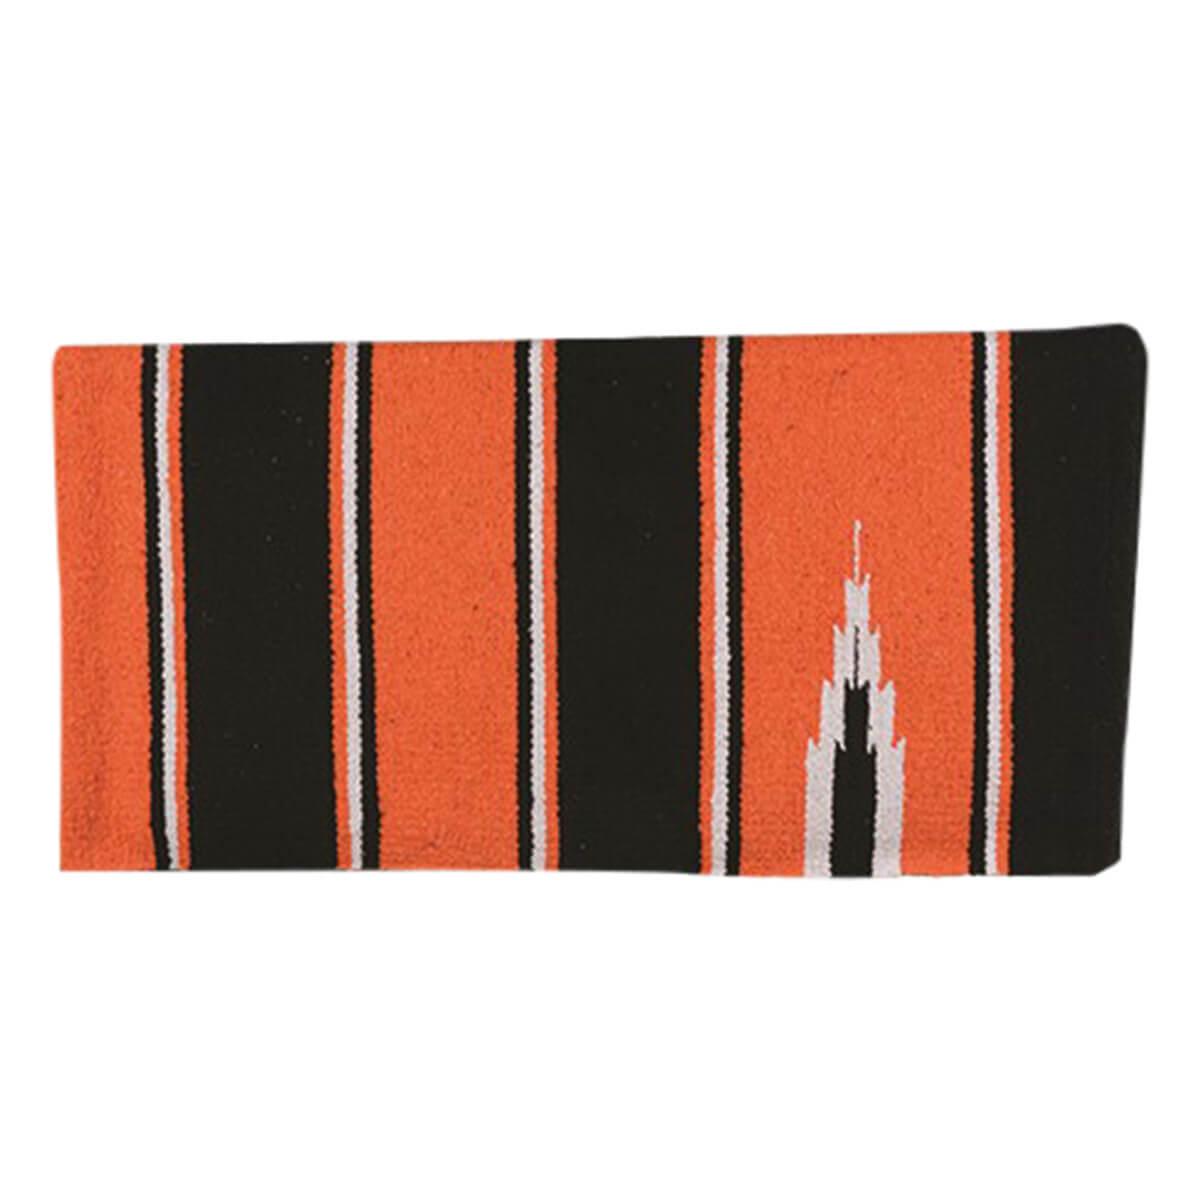 Sierra Navajo Saddle Blanket - Orange/Black